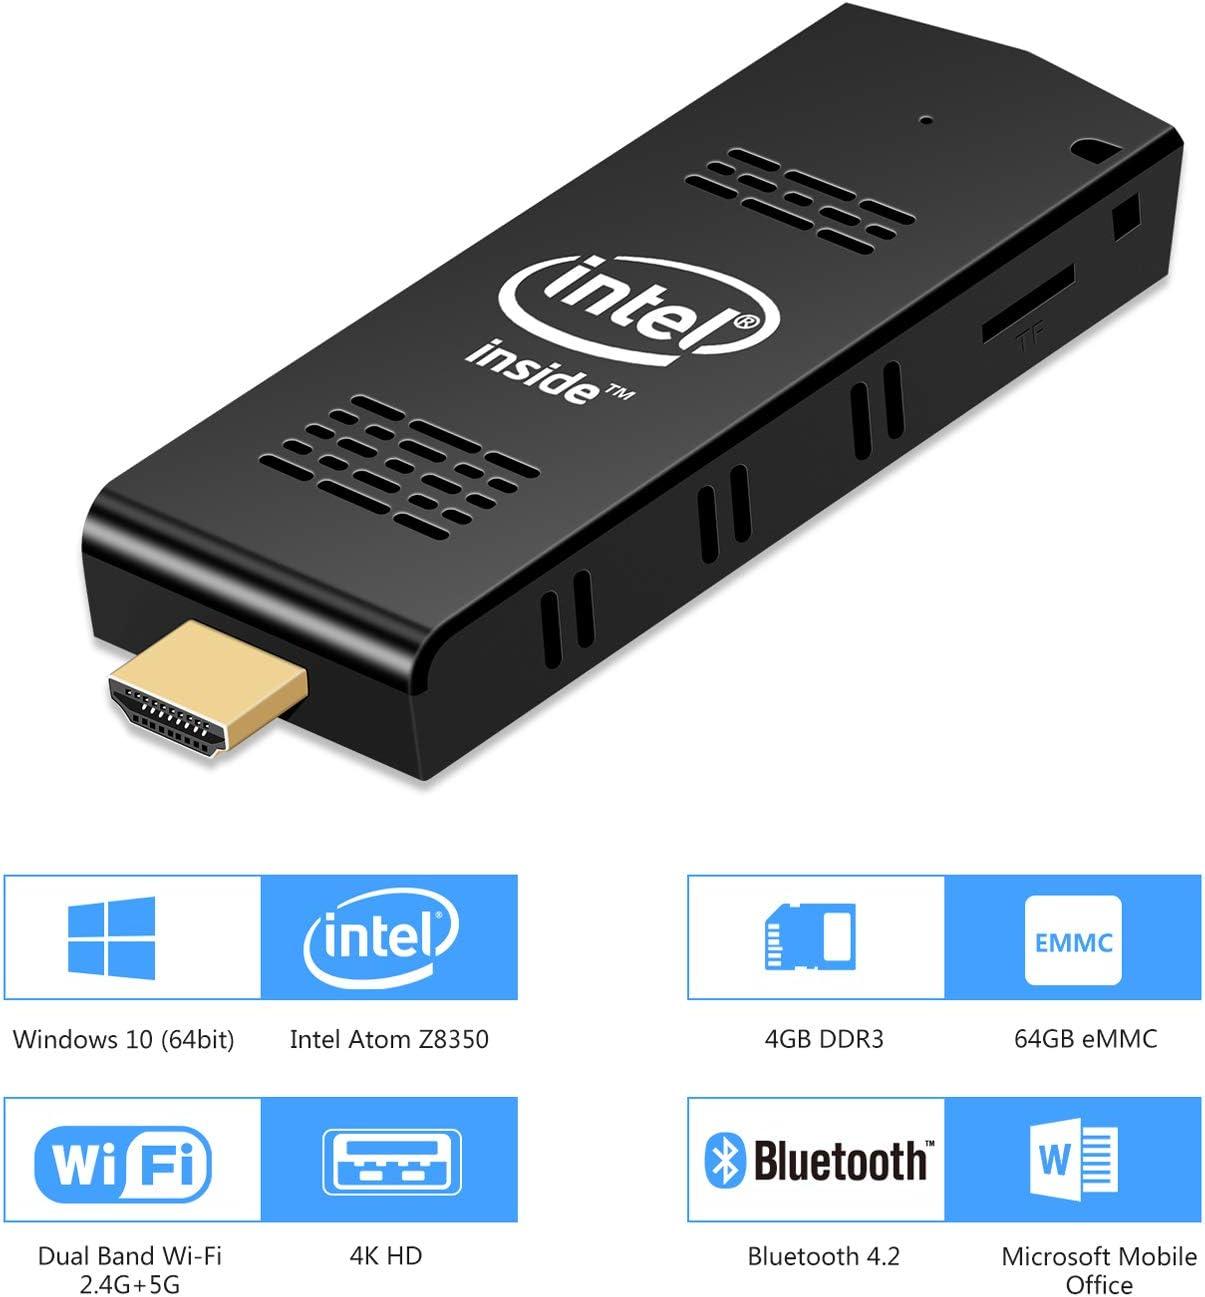 Mini PC, EstgoSZ Mini Computer Stick Windows 10(64-bit) Intel Cherry Trail Atom Z8350 Processor(Max 1.9GHz) 4GB 64GB Support 2.4/5G WiFi BT 4.2 4K Desktop Computer with HDMI/USB3.0 Port